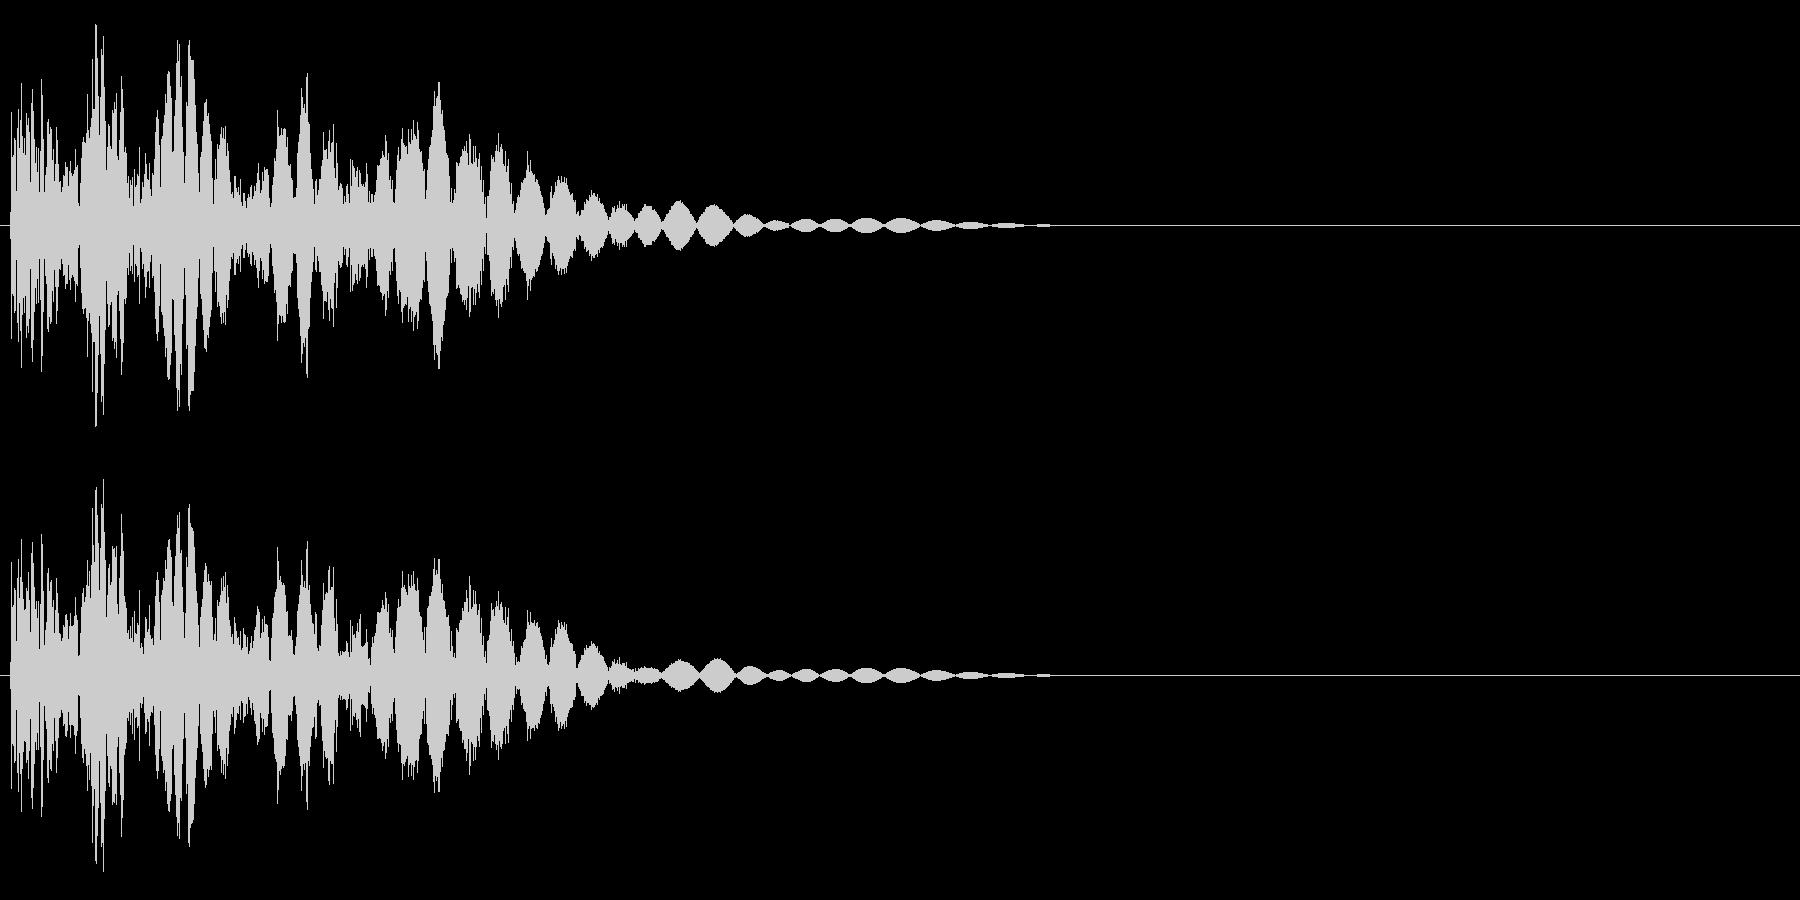 バシッ(キックする音、打撃音)の未再生の波形